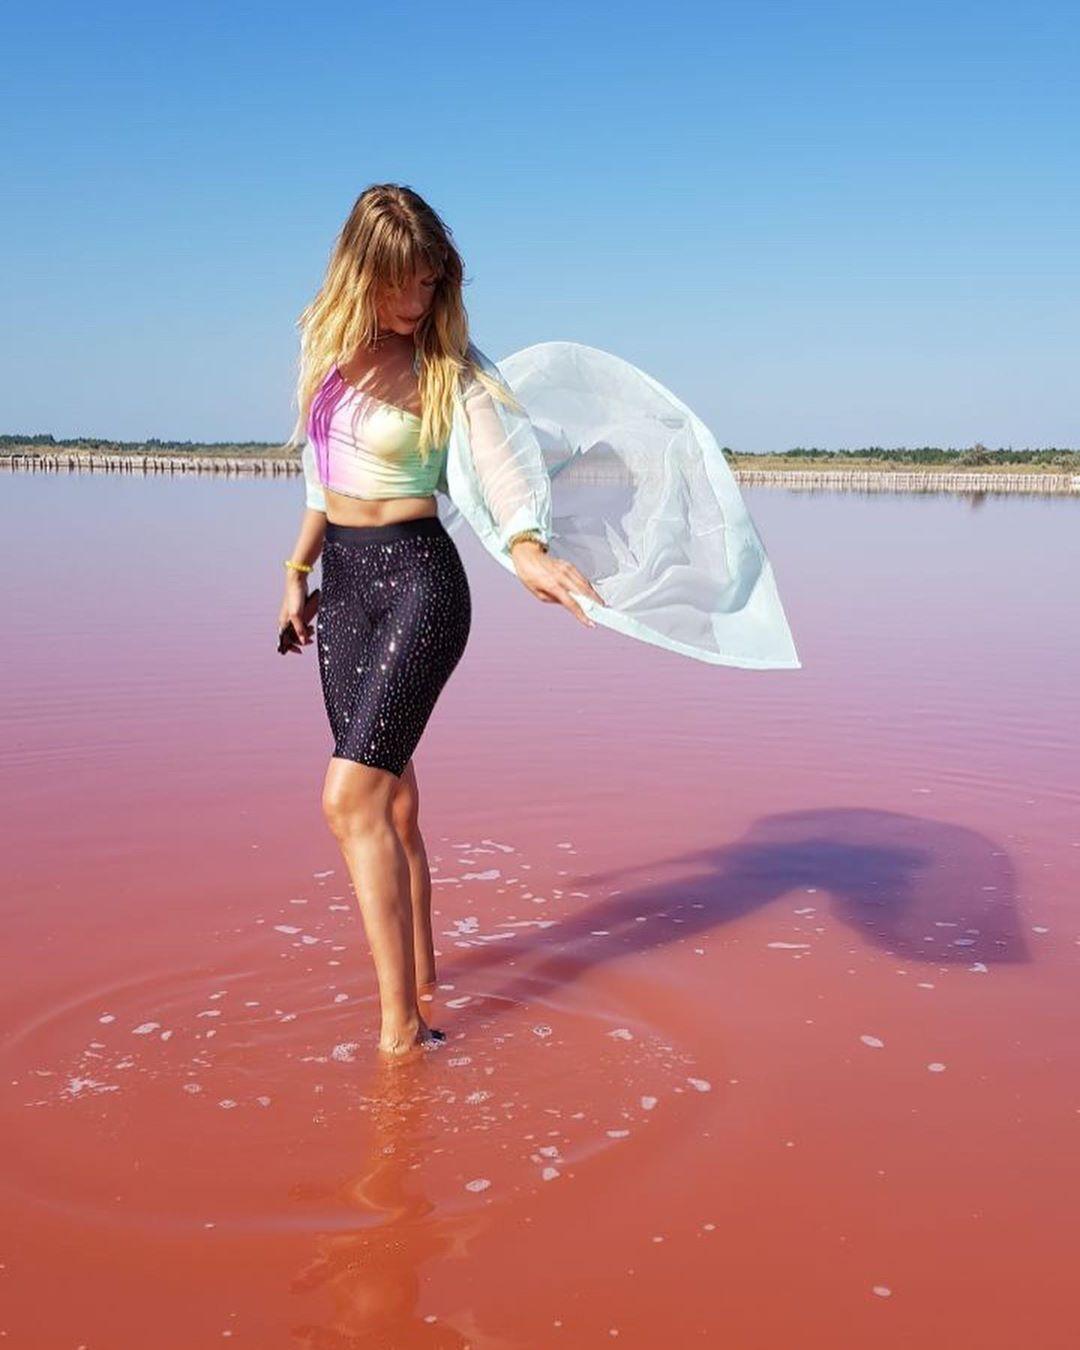 Лемурийское озеро в Херсонской области